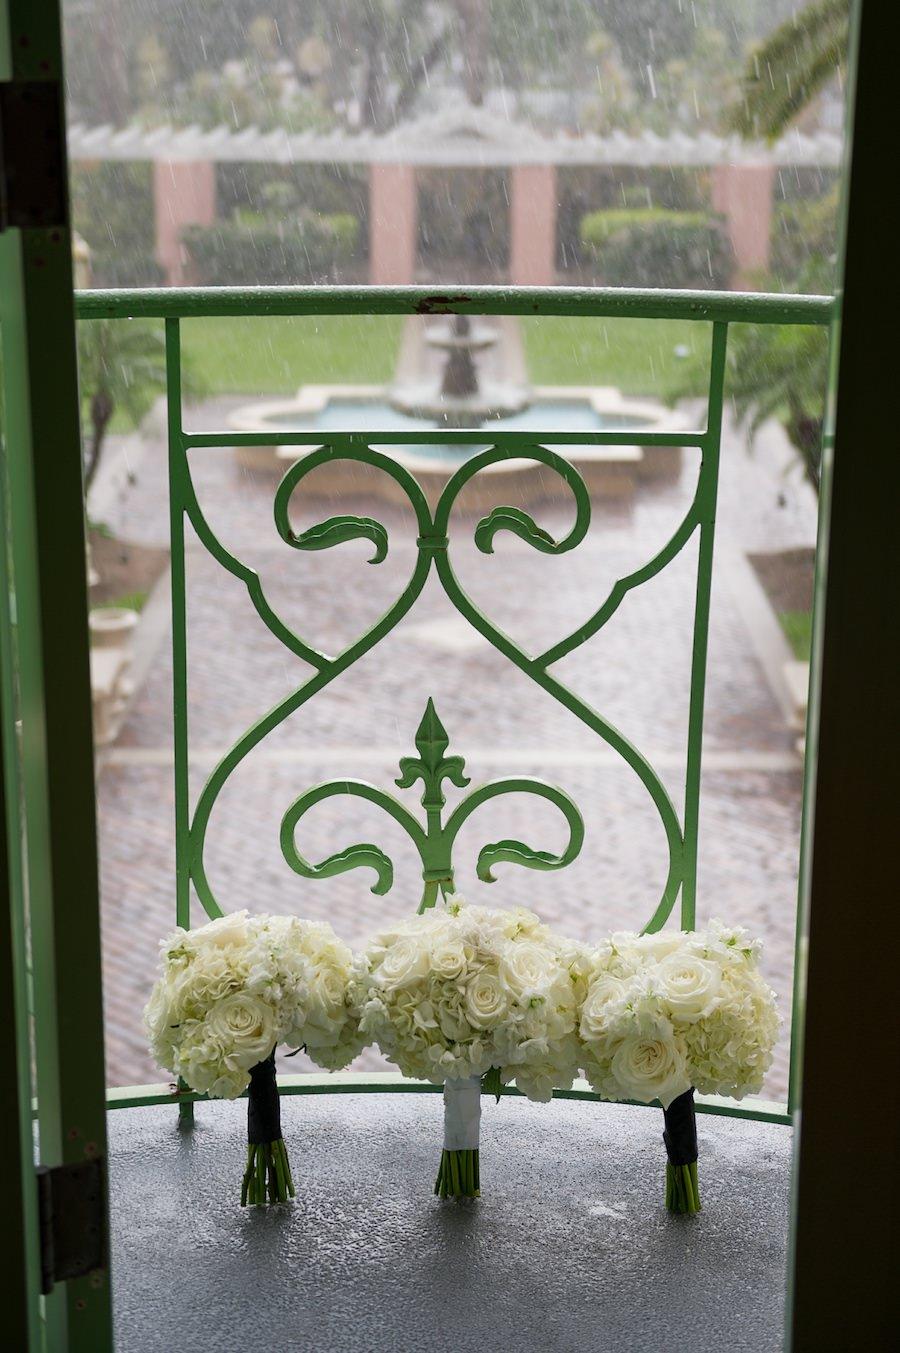 White Rose Wedding Bouquet on Vinoy Renaissance Balcony on Rainy Wedding Day